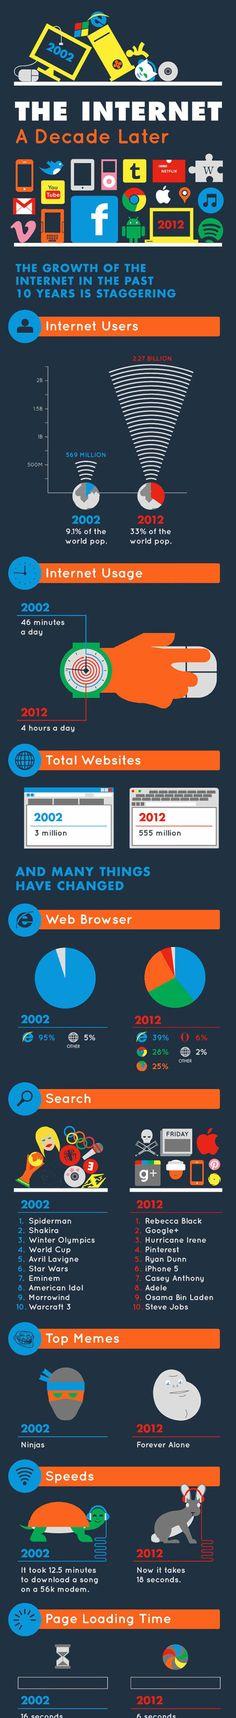 Impressionnant. Internet, 10 ans plus tard.. ce qui a changé (ou n'a pas changé...#Benin)